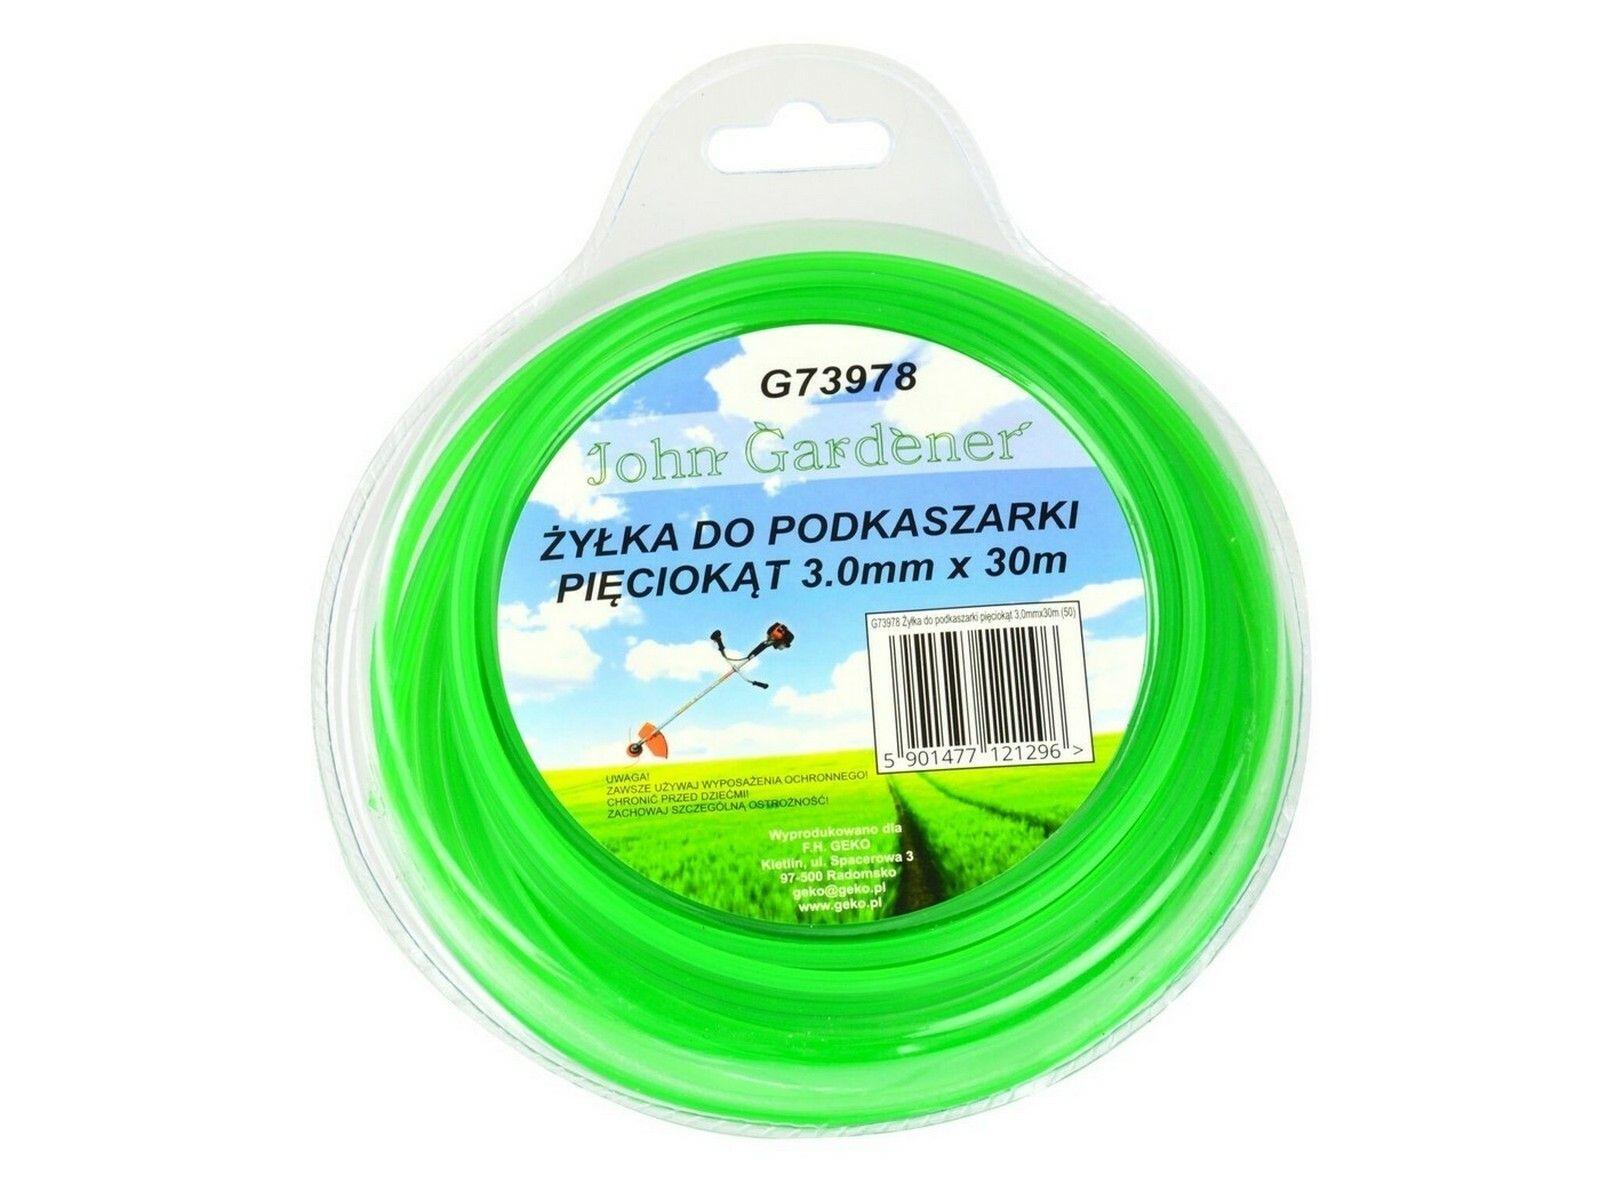 Struna do sekačky zelená zesílená, 3,0mm, 30m, hvězdicový profil, nylon GEKO